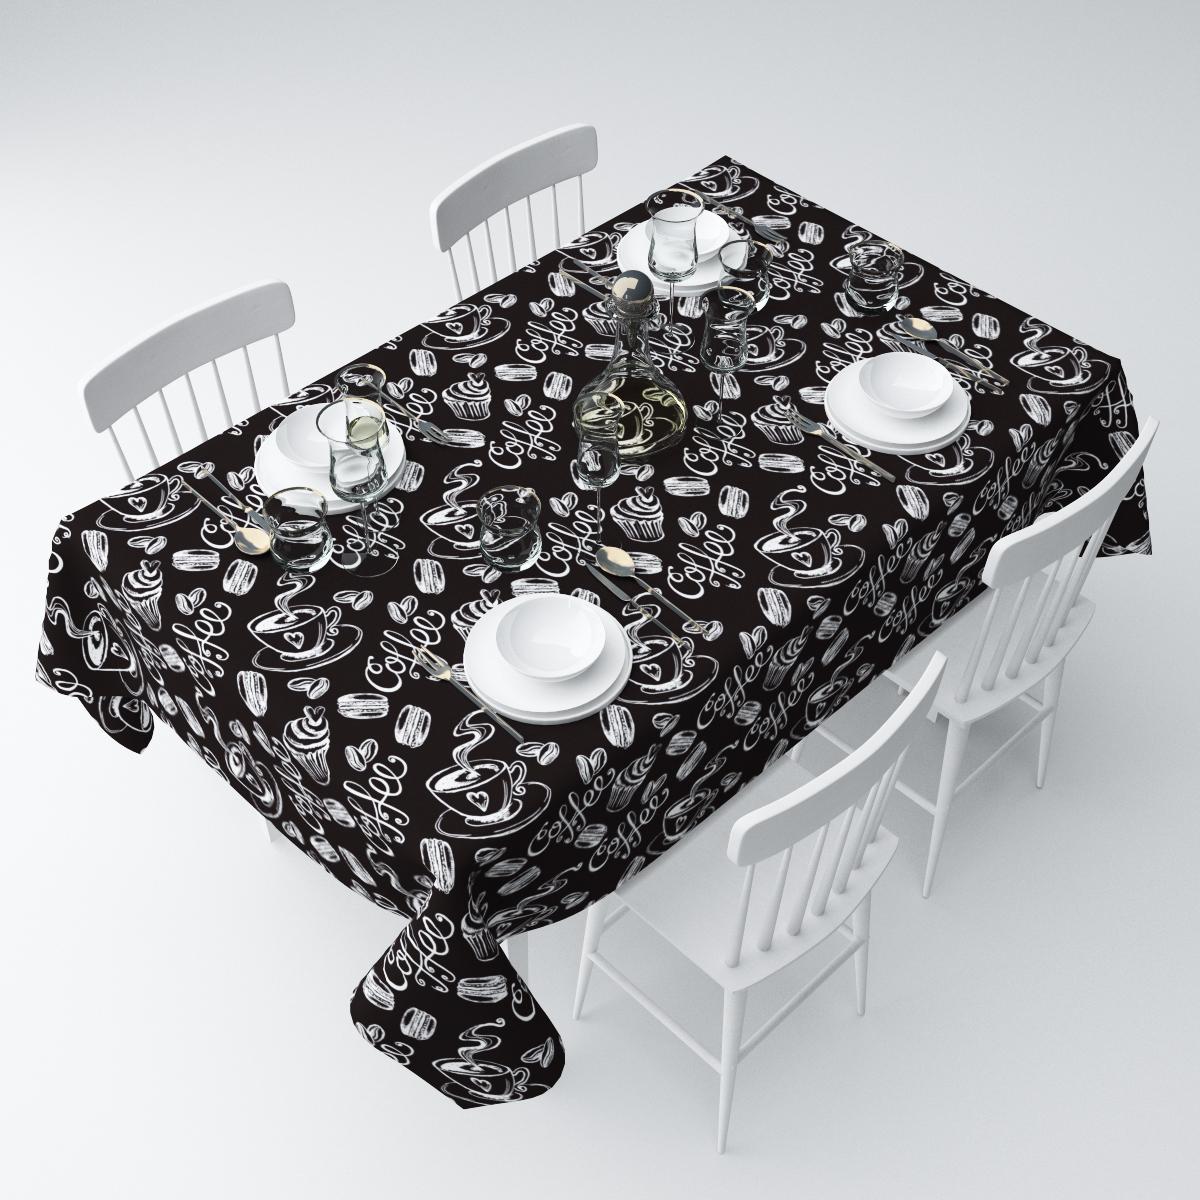 Скатерть Сирень Черный кофе, прямоугольная, 145 х 120 смСКГБ003-05233Прямоугольная скатерть Сирень Черный кофе, выполненная из габардина с ярким рисунком, преобразит вашу кухню, визуально расширит пространство, создаст атмосферу радости и комфорта. Рекомендации по уходу: стирка при 30 градусах, гладить при температуре до 110 градусов.Размер скатерти: 145 х 120 см. Изображение может немного отличаться от реального.